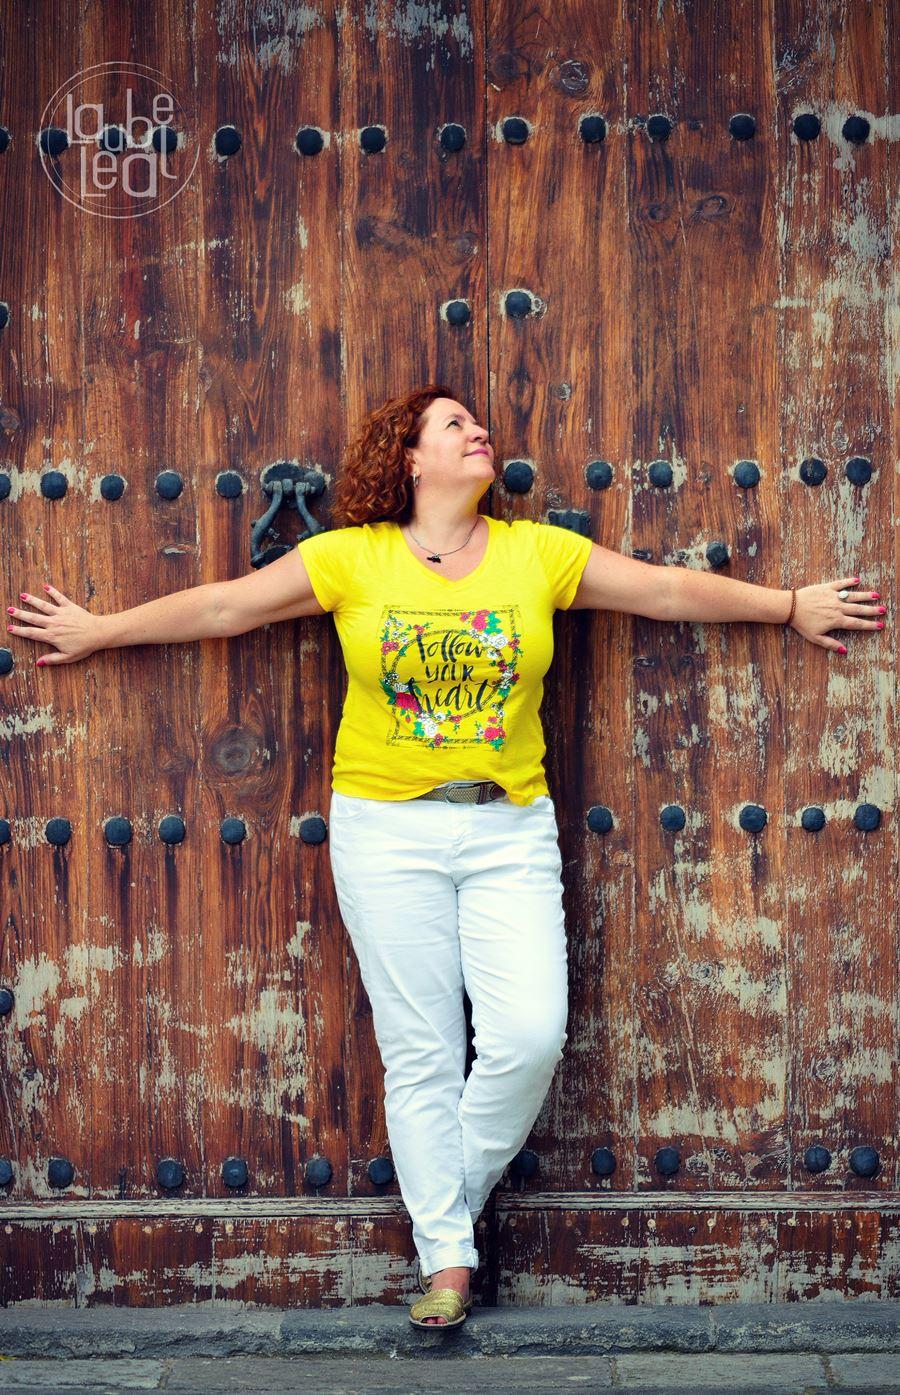 Sedas verdes y amarillas, relato corto de Laube Leal